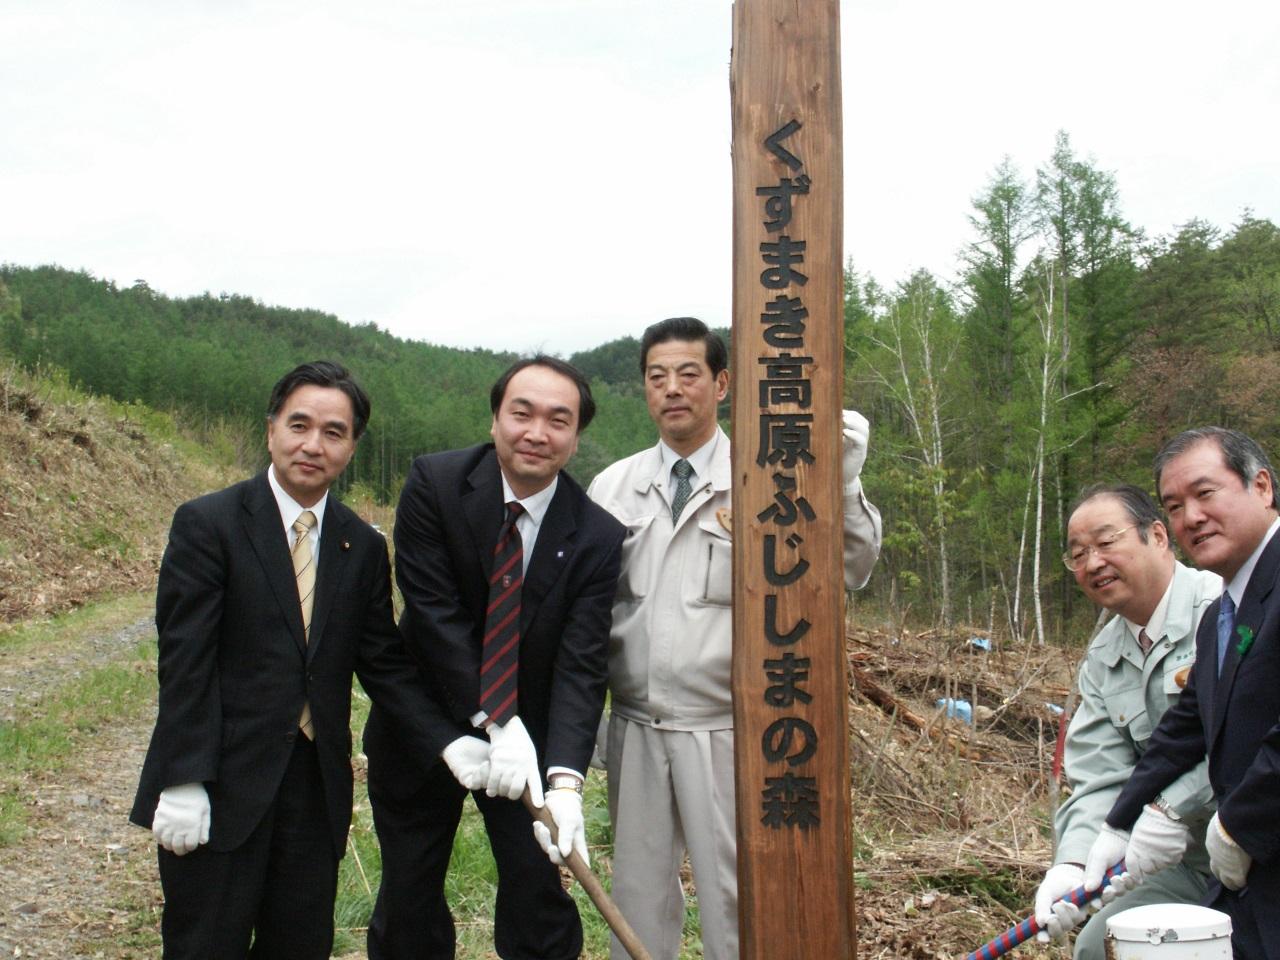 日本全国の会長就任(いわて文化大使㊿);